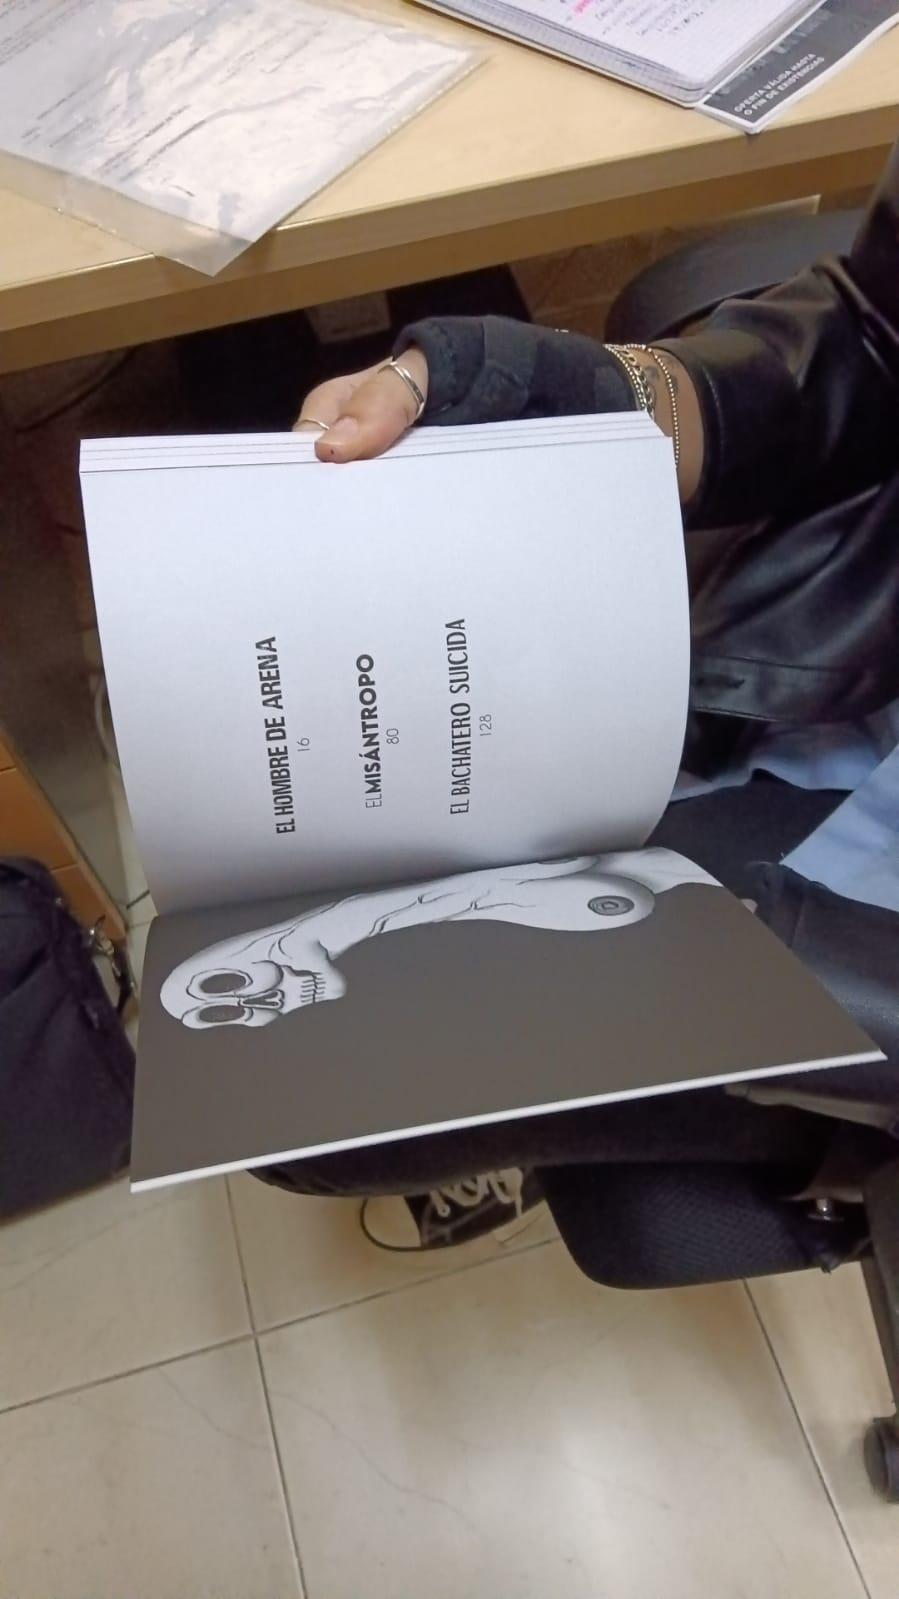 Trilogía de la Destrucción - Nuevo libro de Hank *** prólogo by Salakov *** YA DISPONIBLE - Página 3 47a0cf10